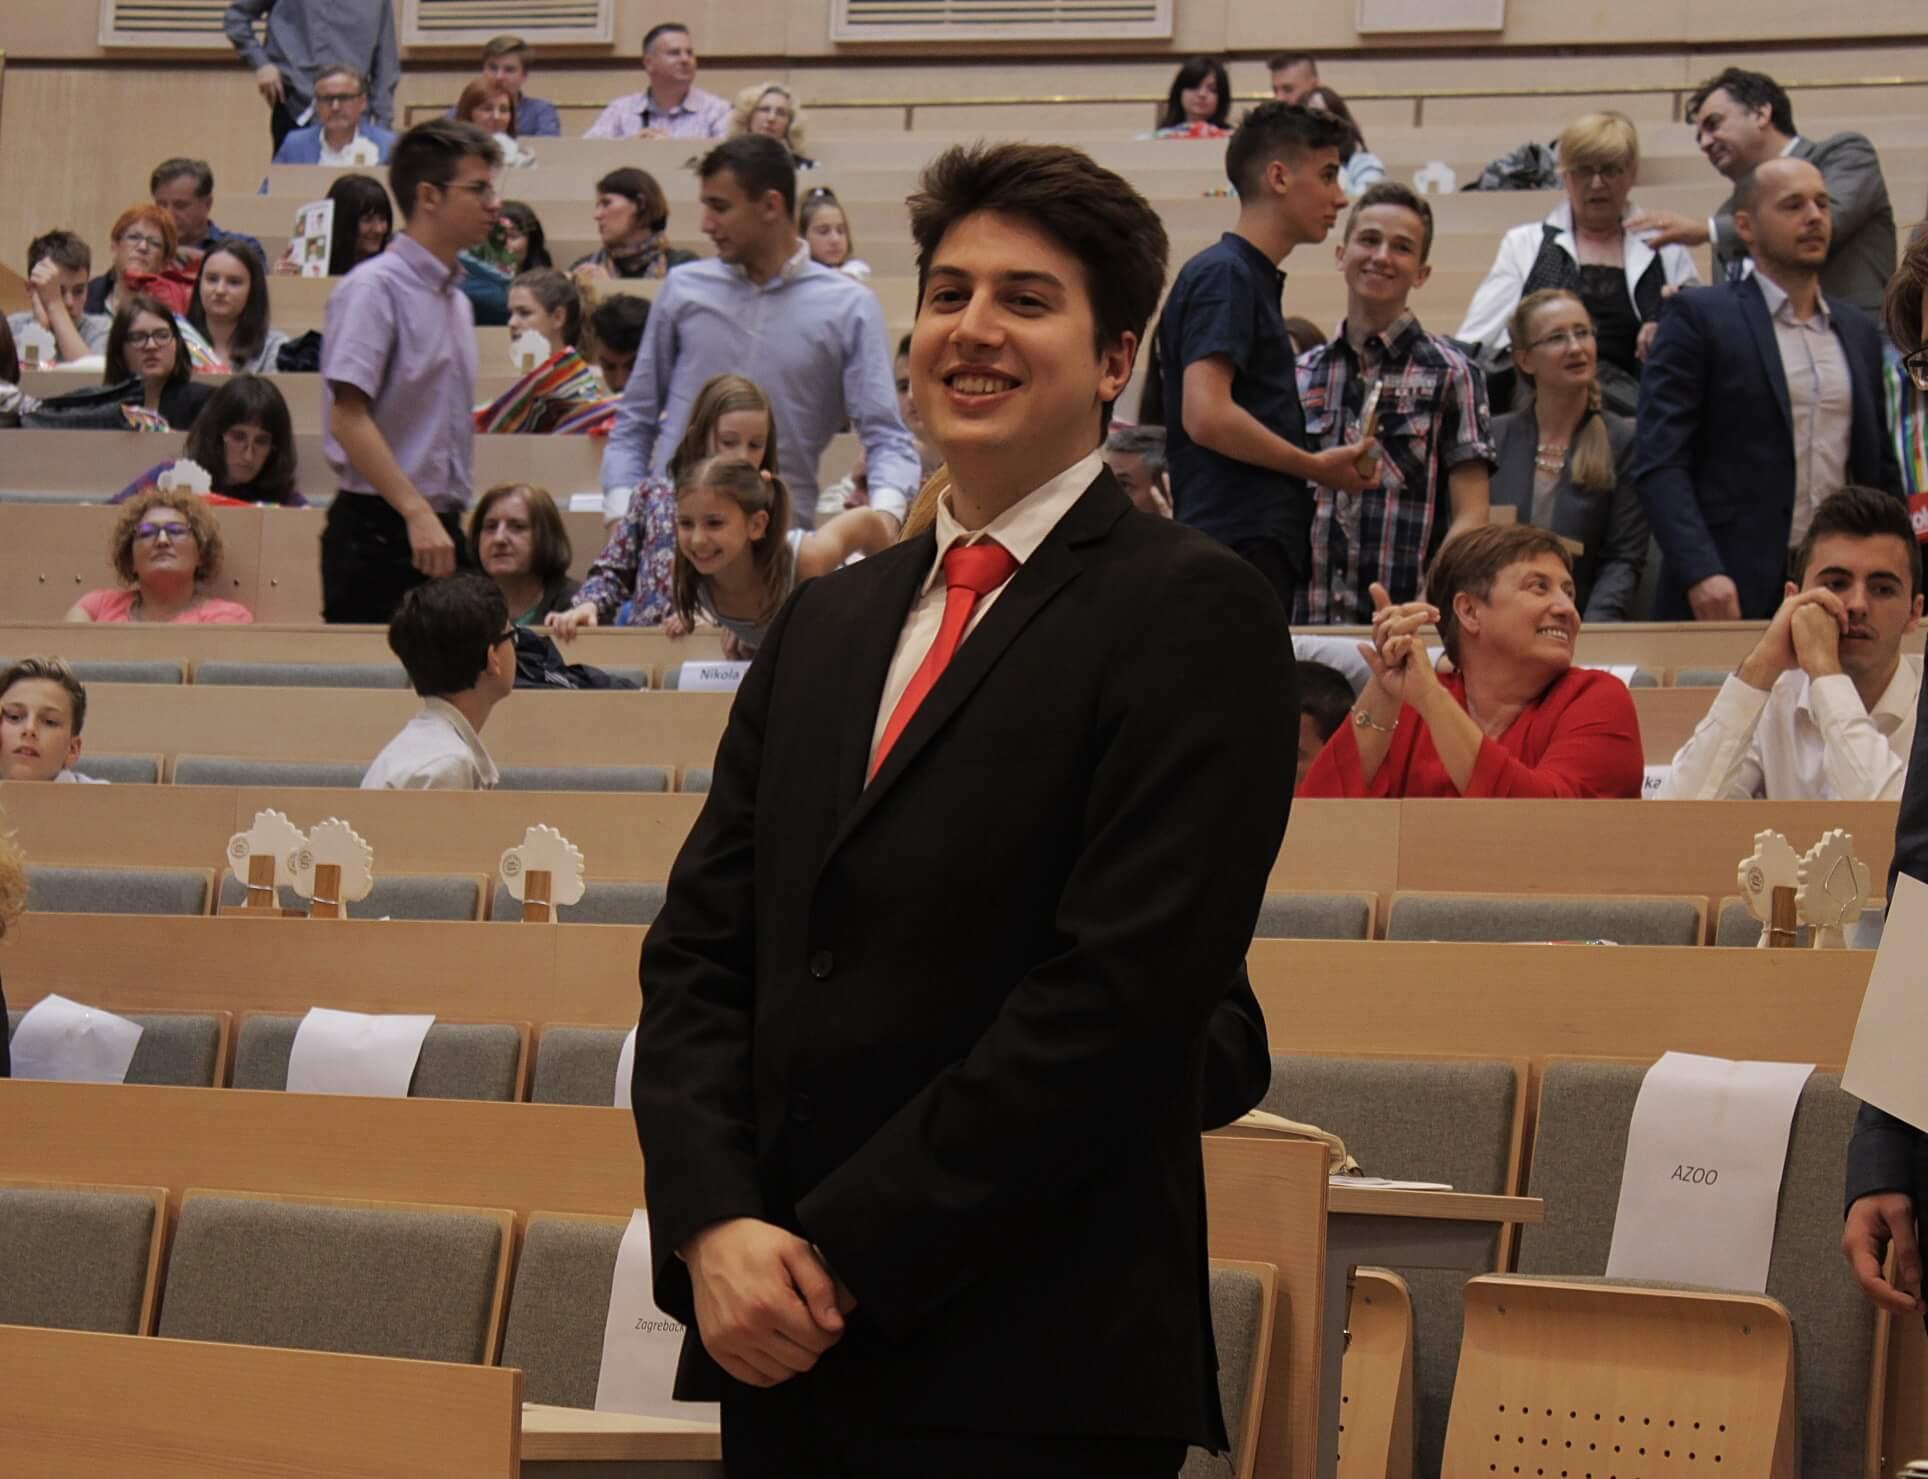 [VIDEO] Najuspješniji ovogodišnji učenik održao maestralan govor u kojem nije štedio politiku, medije, profesore i NCVVO!